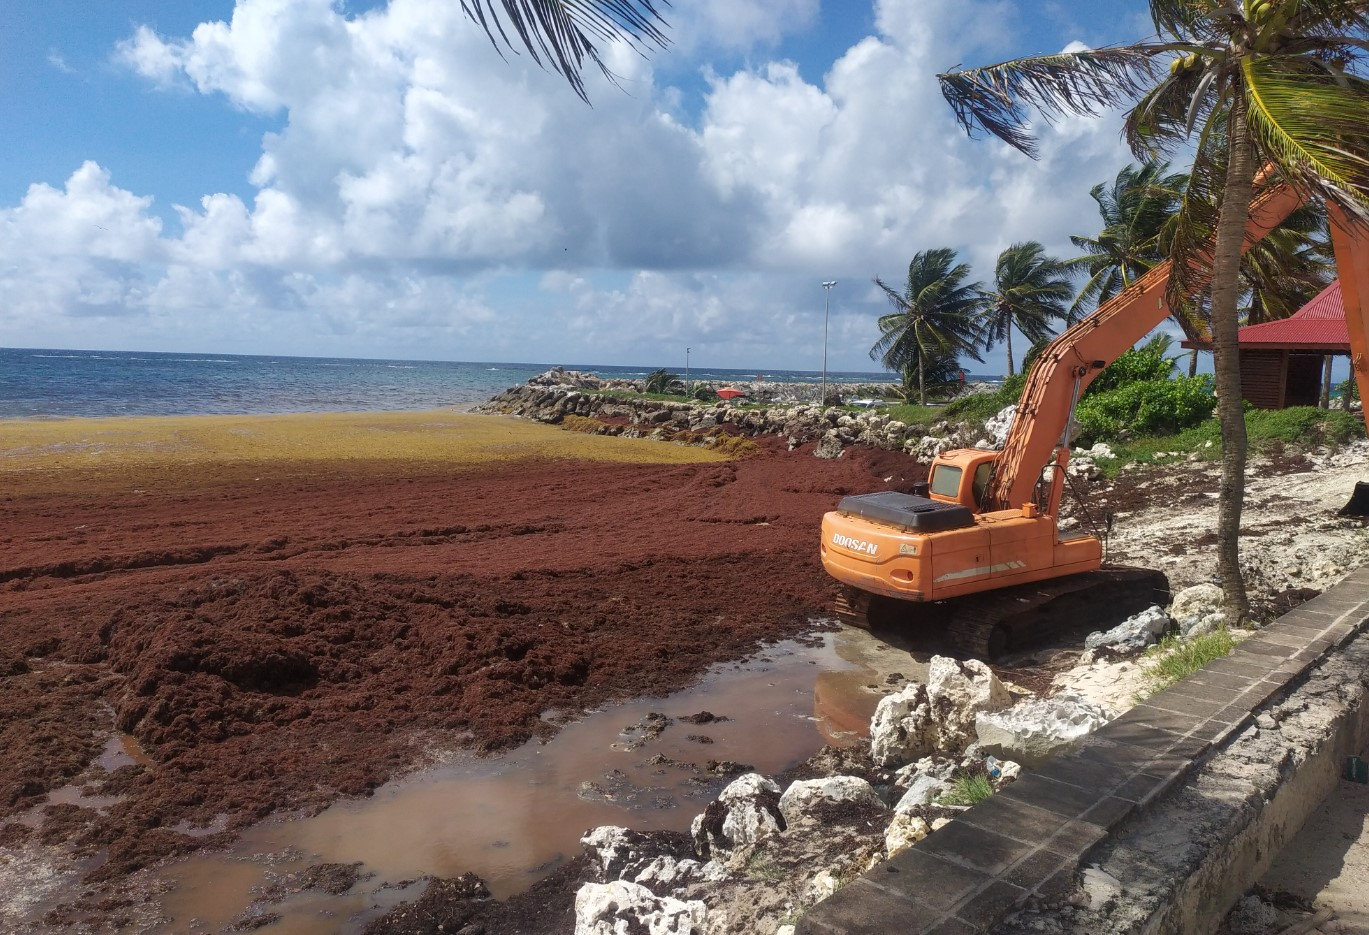 Le syndicat de valorisation des plages et des sites touristiques à Marie-Galante